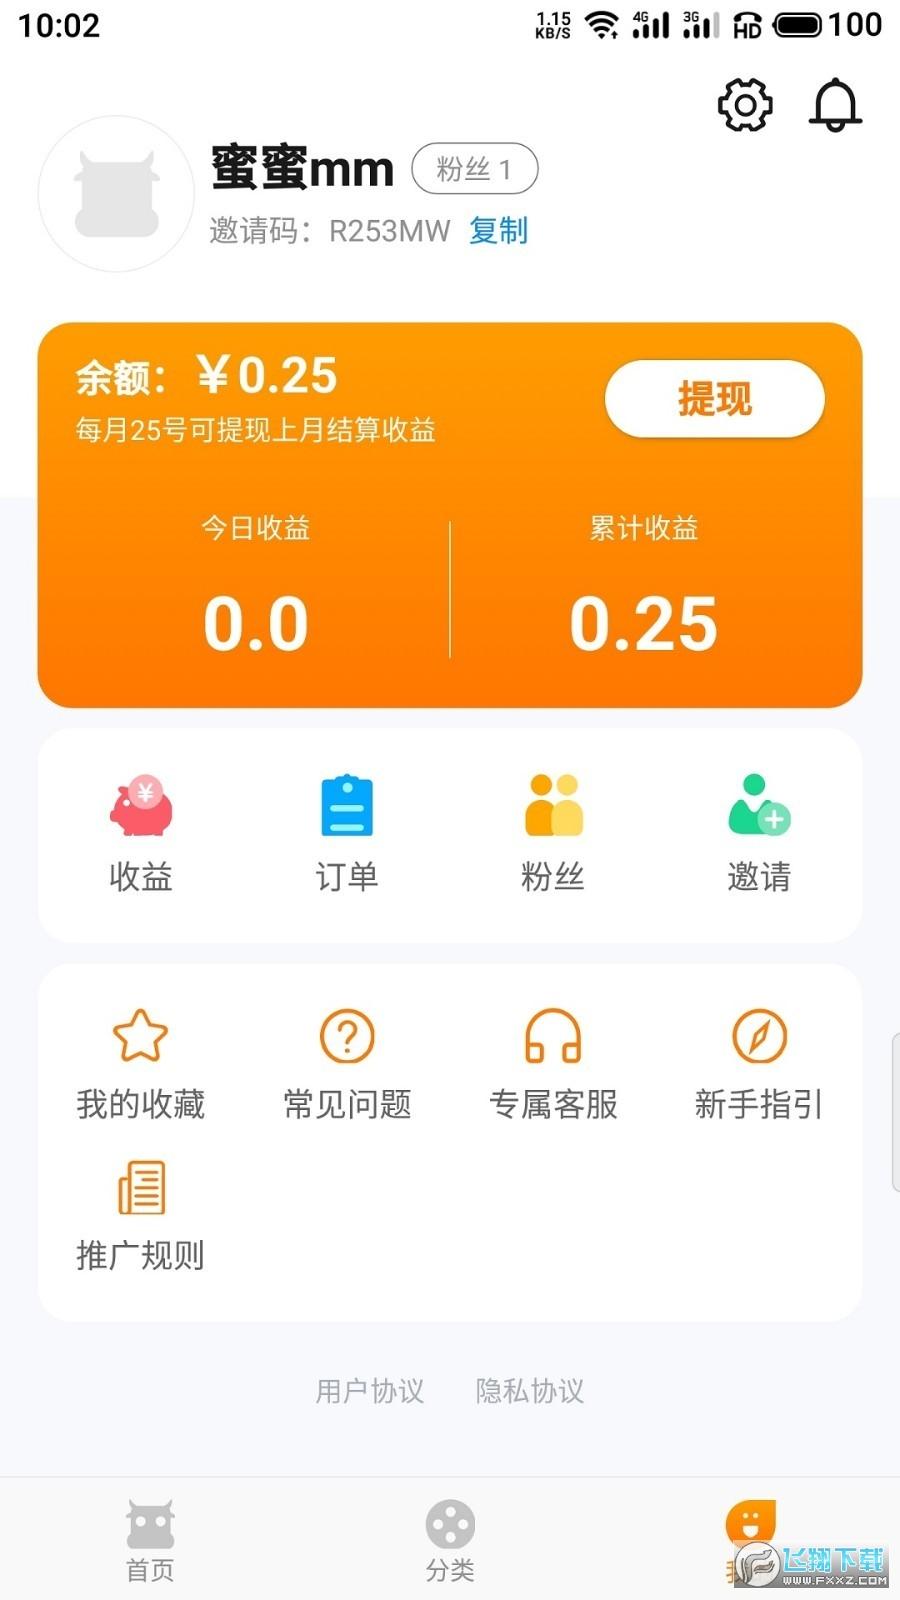 尘牛找券app安卓版1.9.4最新版截图3